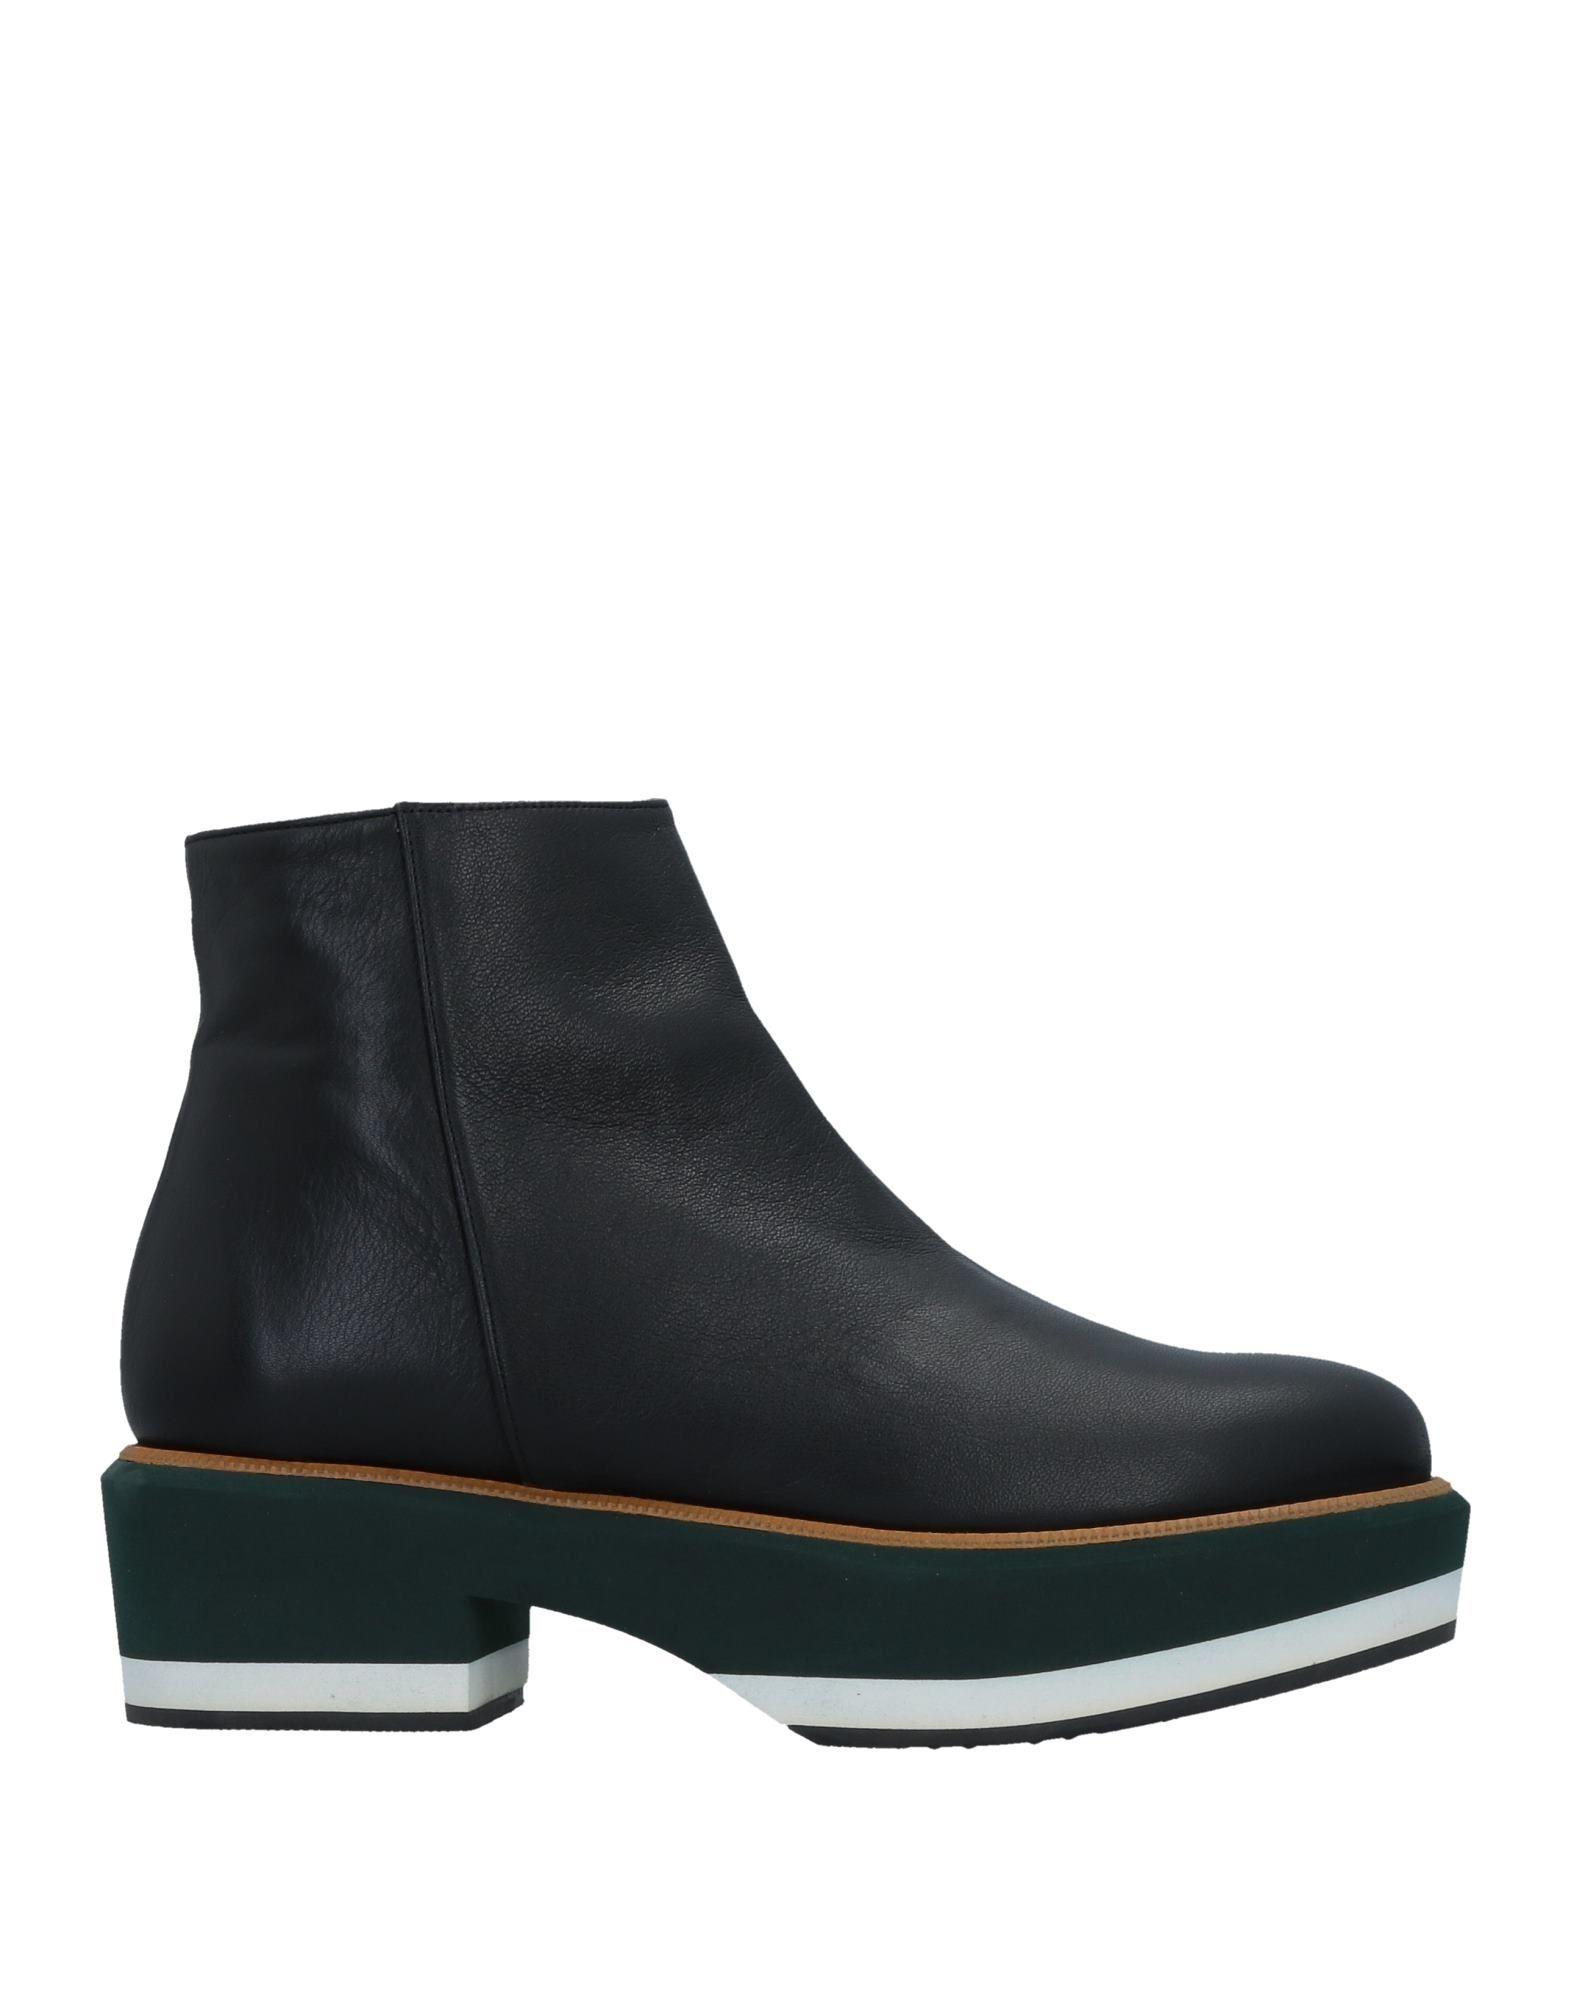 Sneakers Avirex Uomo - 11498108FS Scarpe economiche e buone